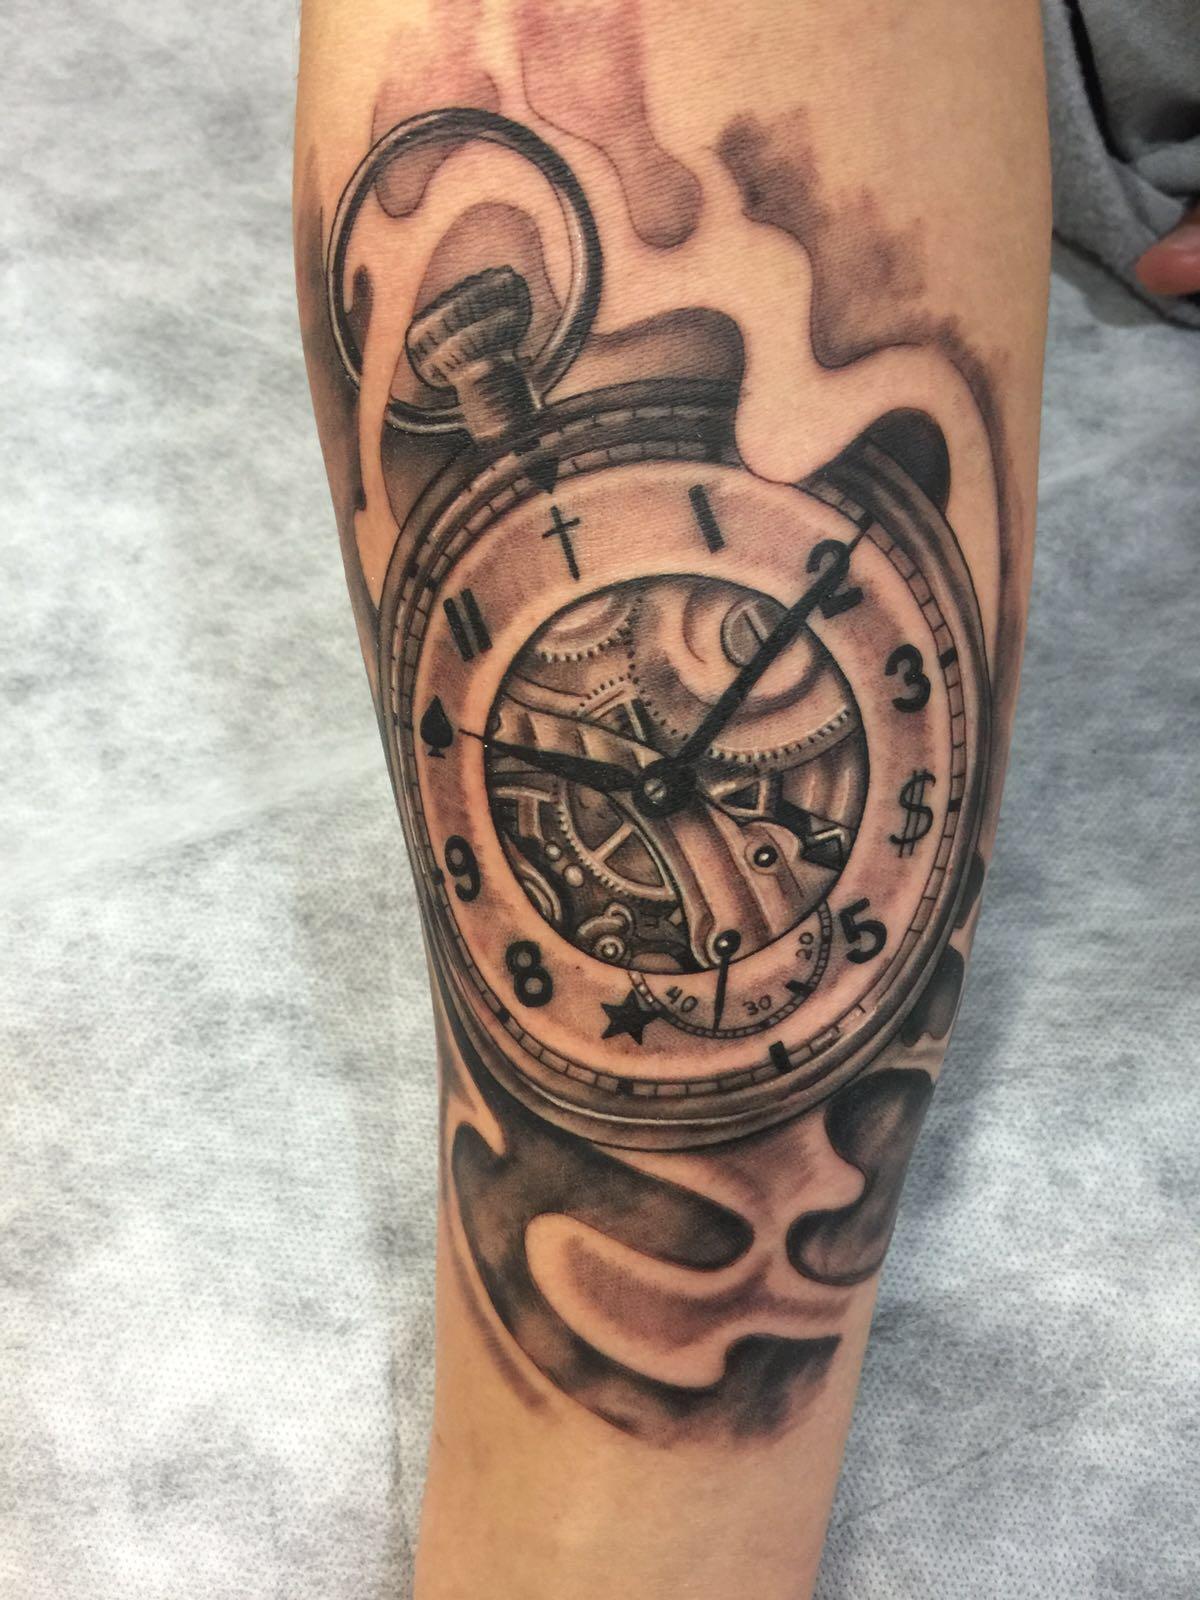 tatuaje-tattoo-reloj-jorge garcía-tatuajes l'eliana